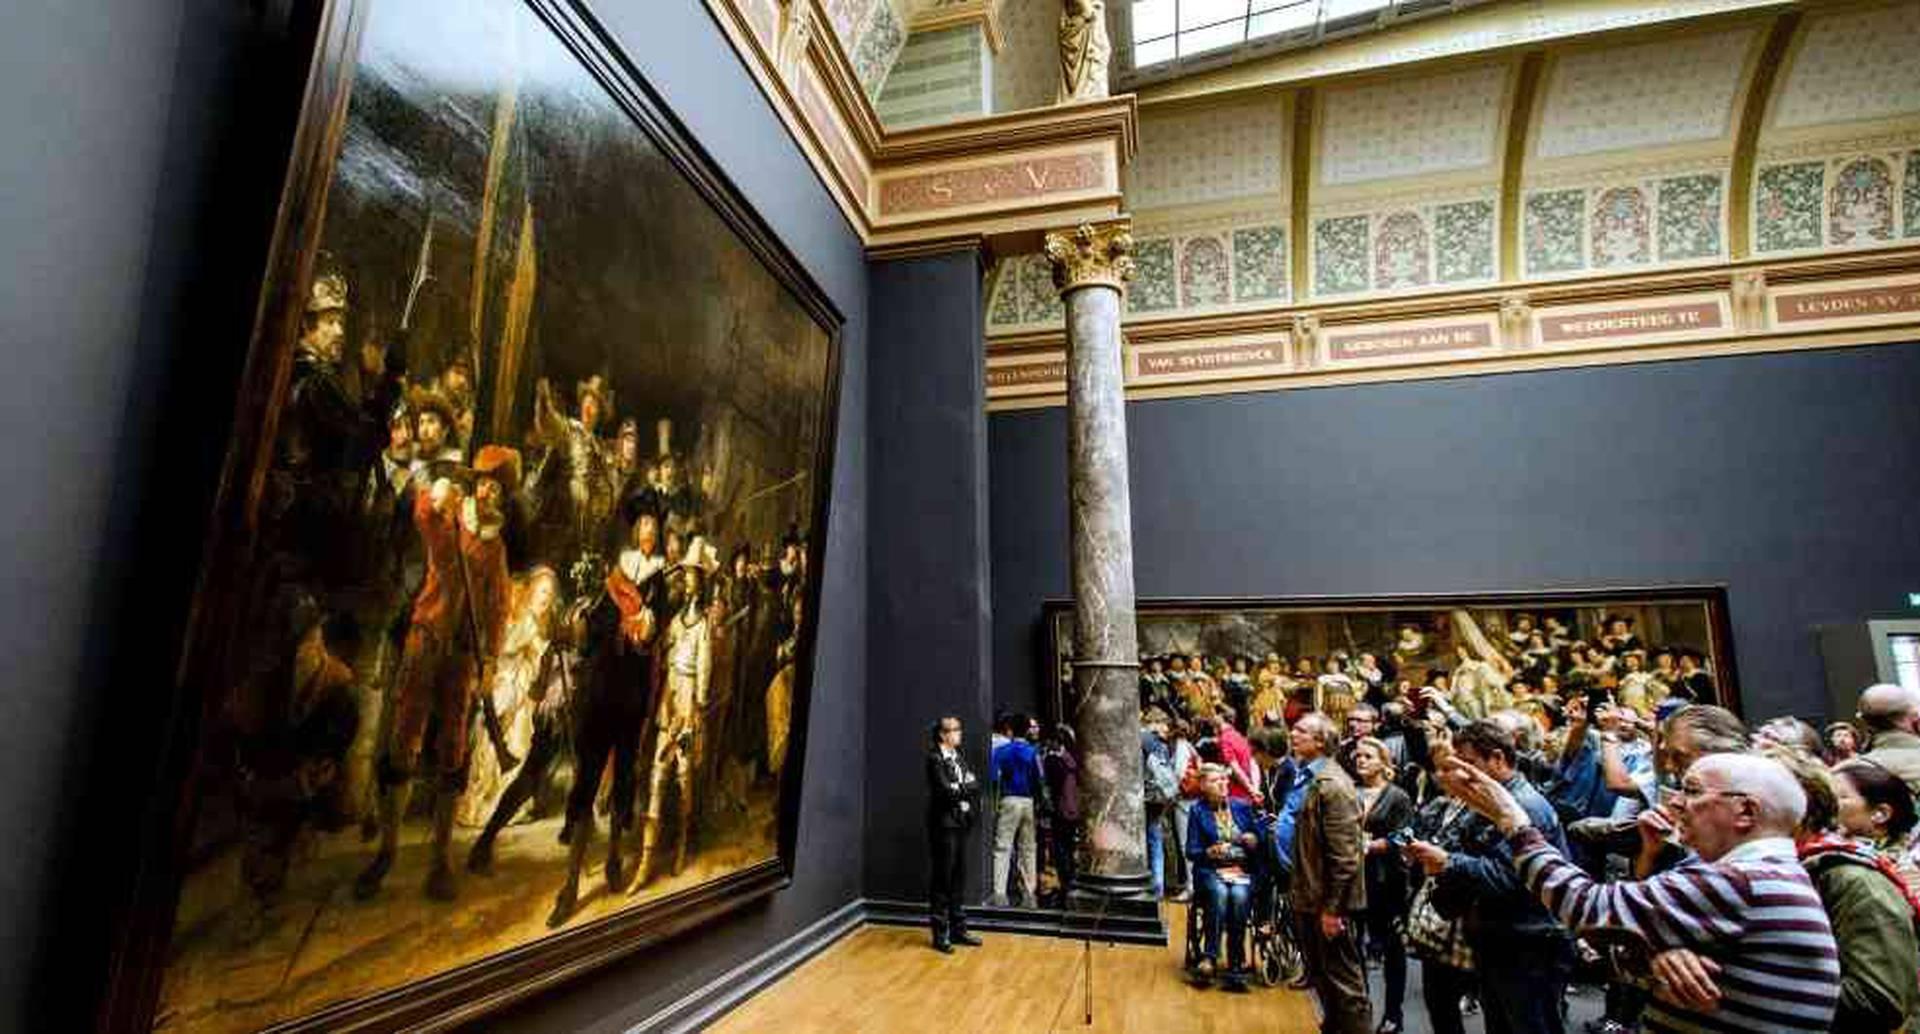 Dos millones de personas atrae la obra del 'Maestro de la luz'. Foto: ROBIN VAN LONKHUIJSEN / ANP / AFP